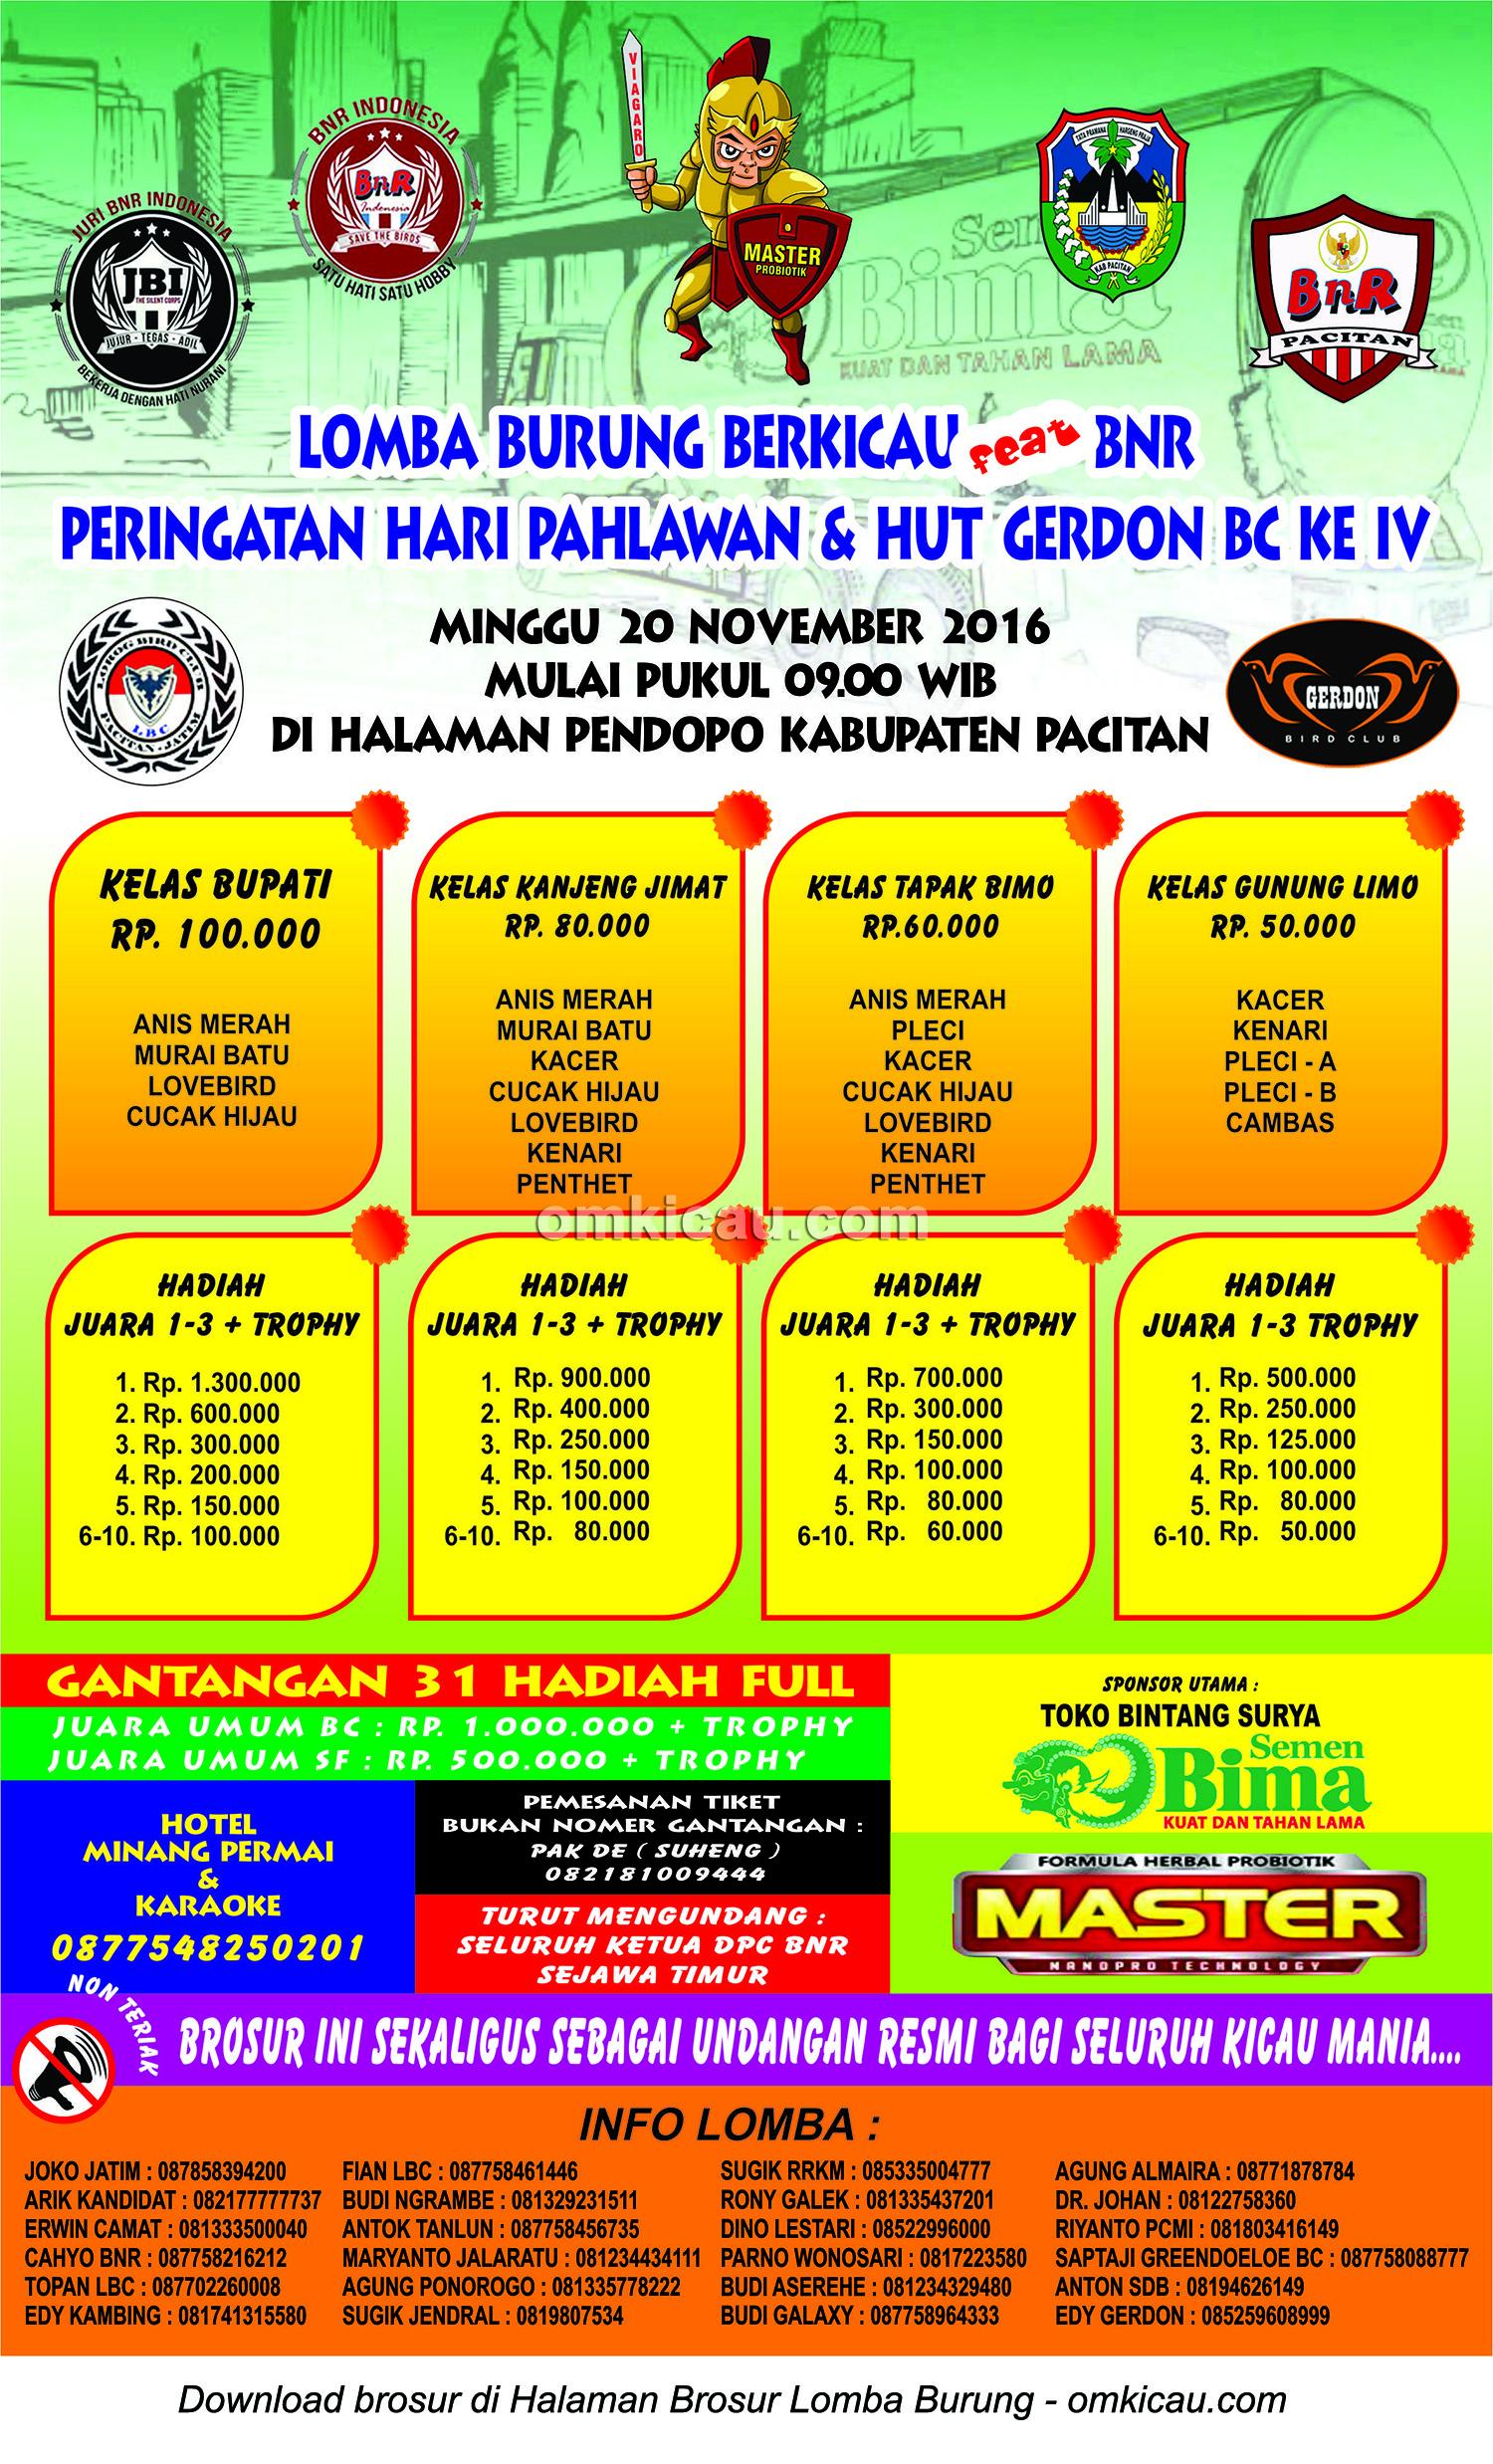 Brosur Lomba Burung Berkicau feat BnR - Hari Pahlawan & HUT Gerdon BC Ke IV, Pacitan, 20 November 2016